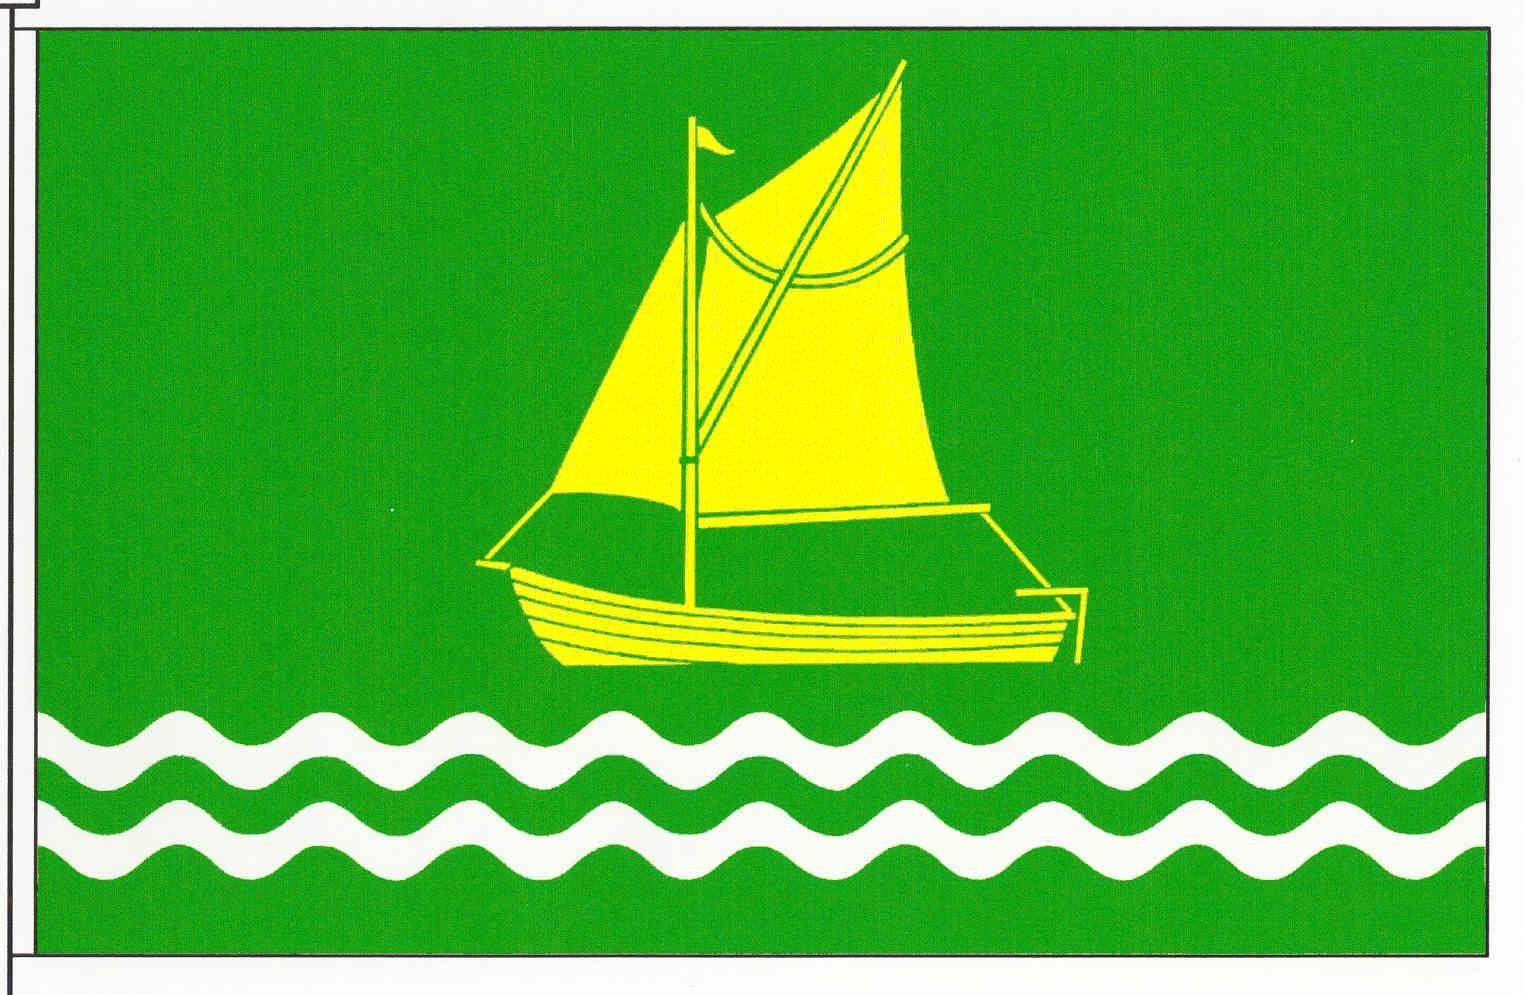 Flagge GemeindeTielen, Kreis Schleswig-Flensburg